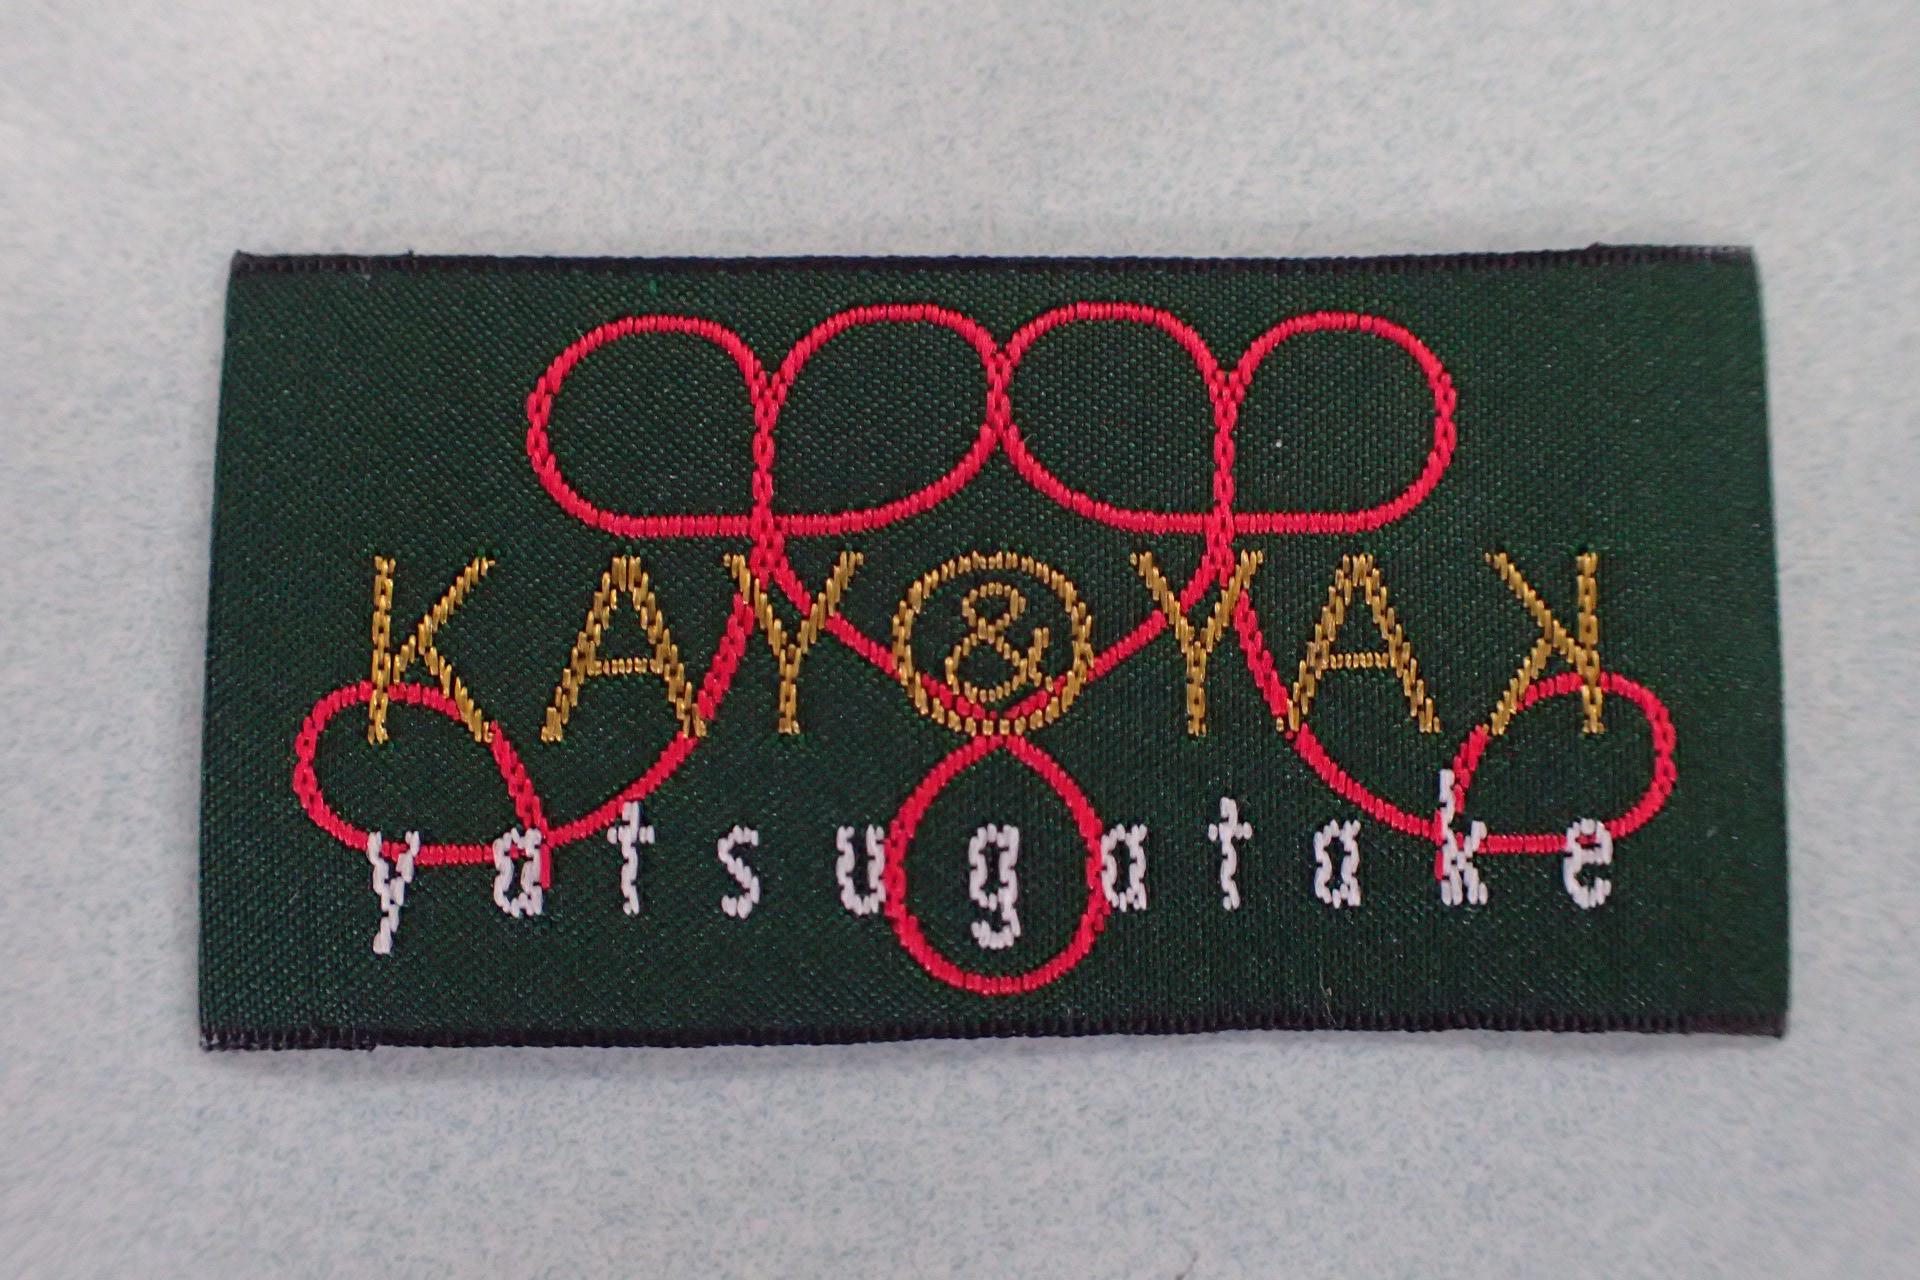 シャトル裏朱子織りの織りネームの制作例です。